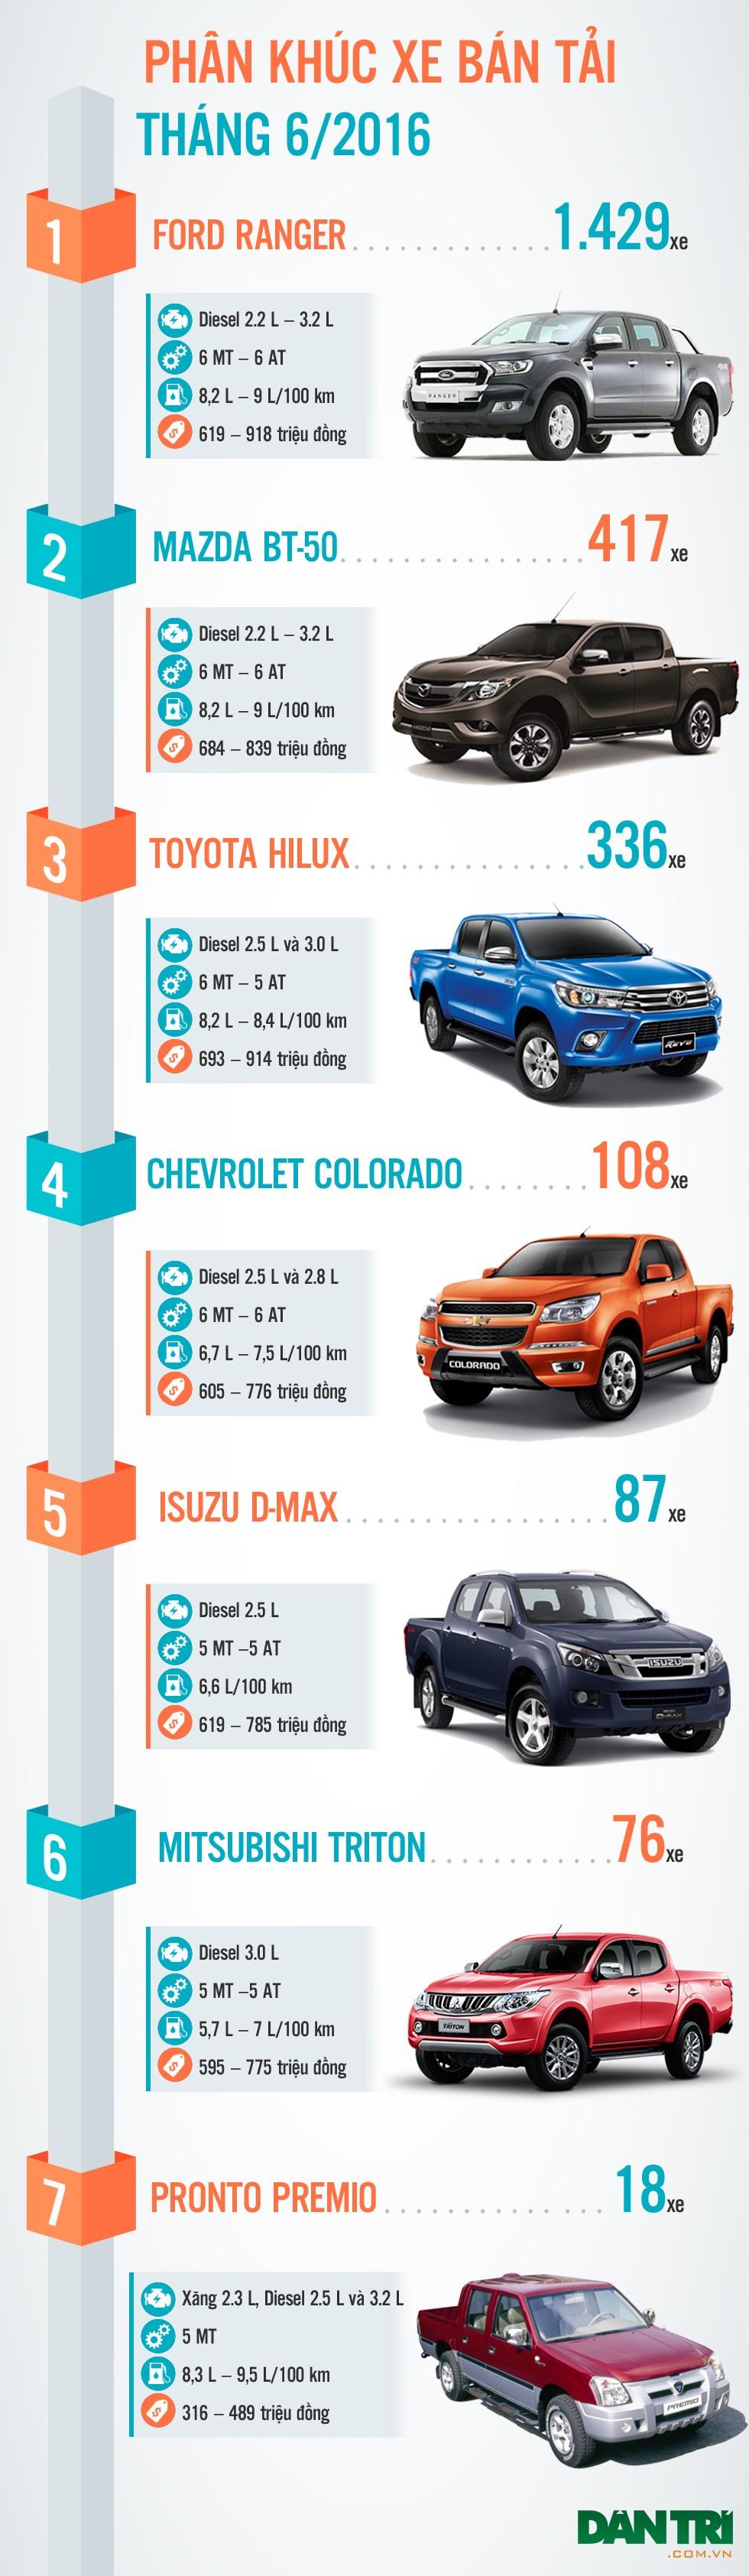 Phân khúc xe bán tải tháng 6/2016: Ranger vẫn là số 1 - 1